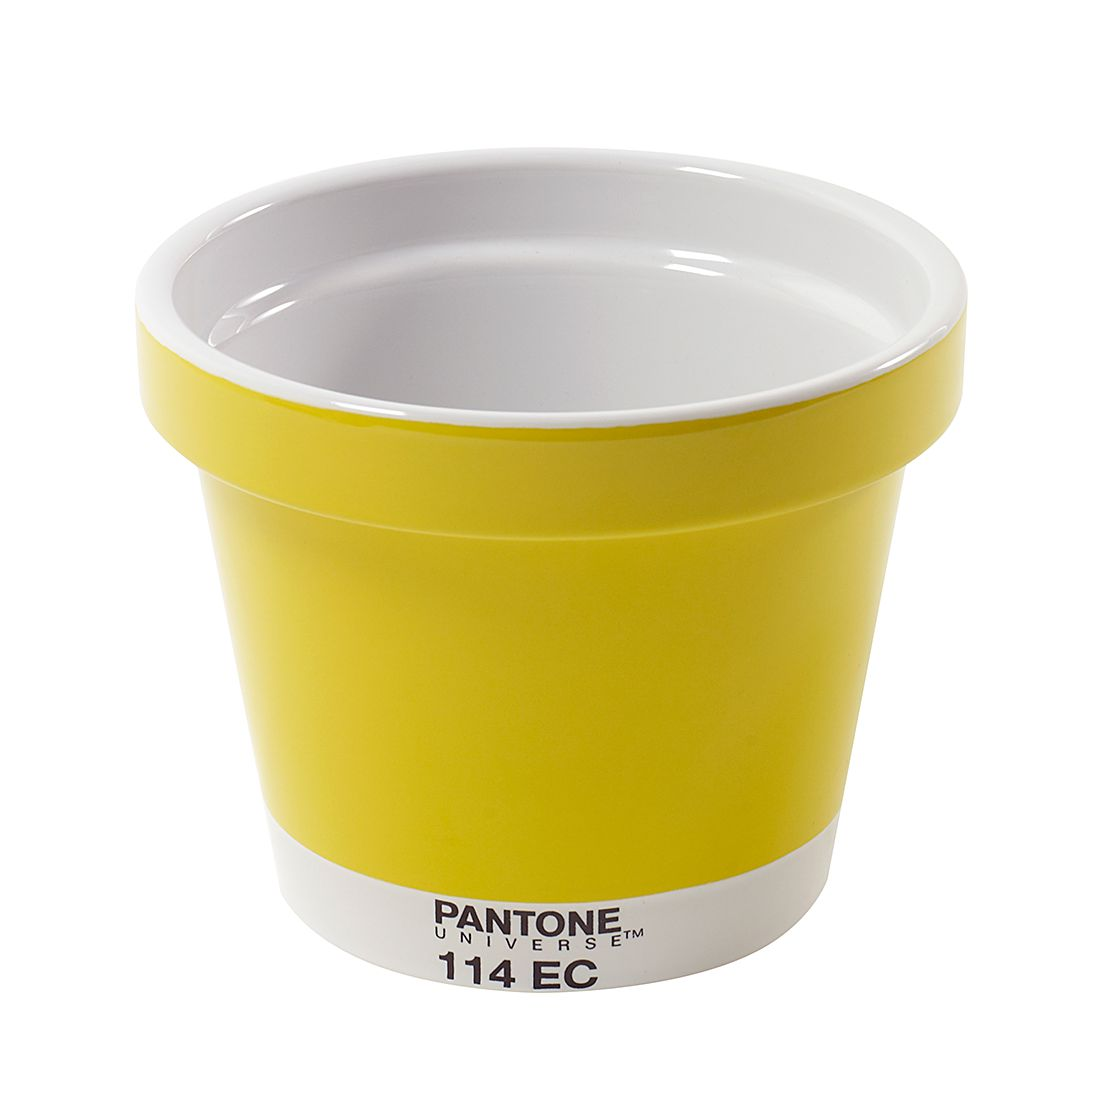 Blumentopf Pantone II – Gelb, Pantone bestellen